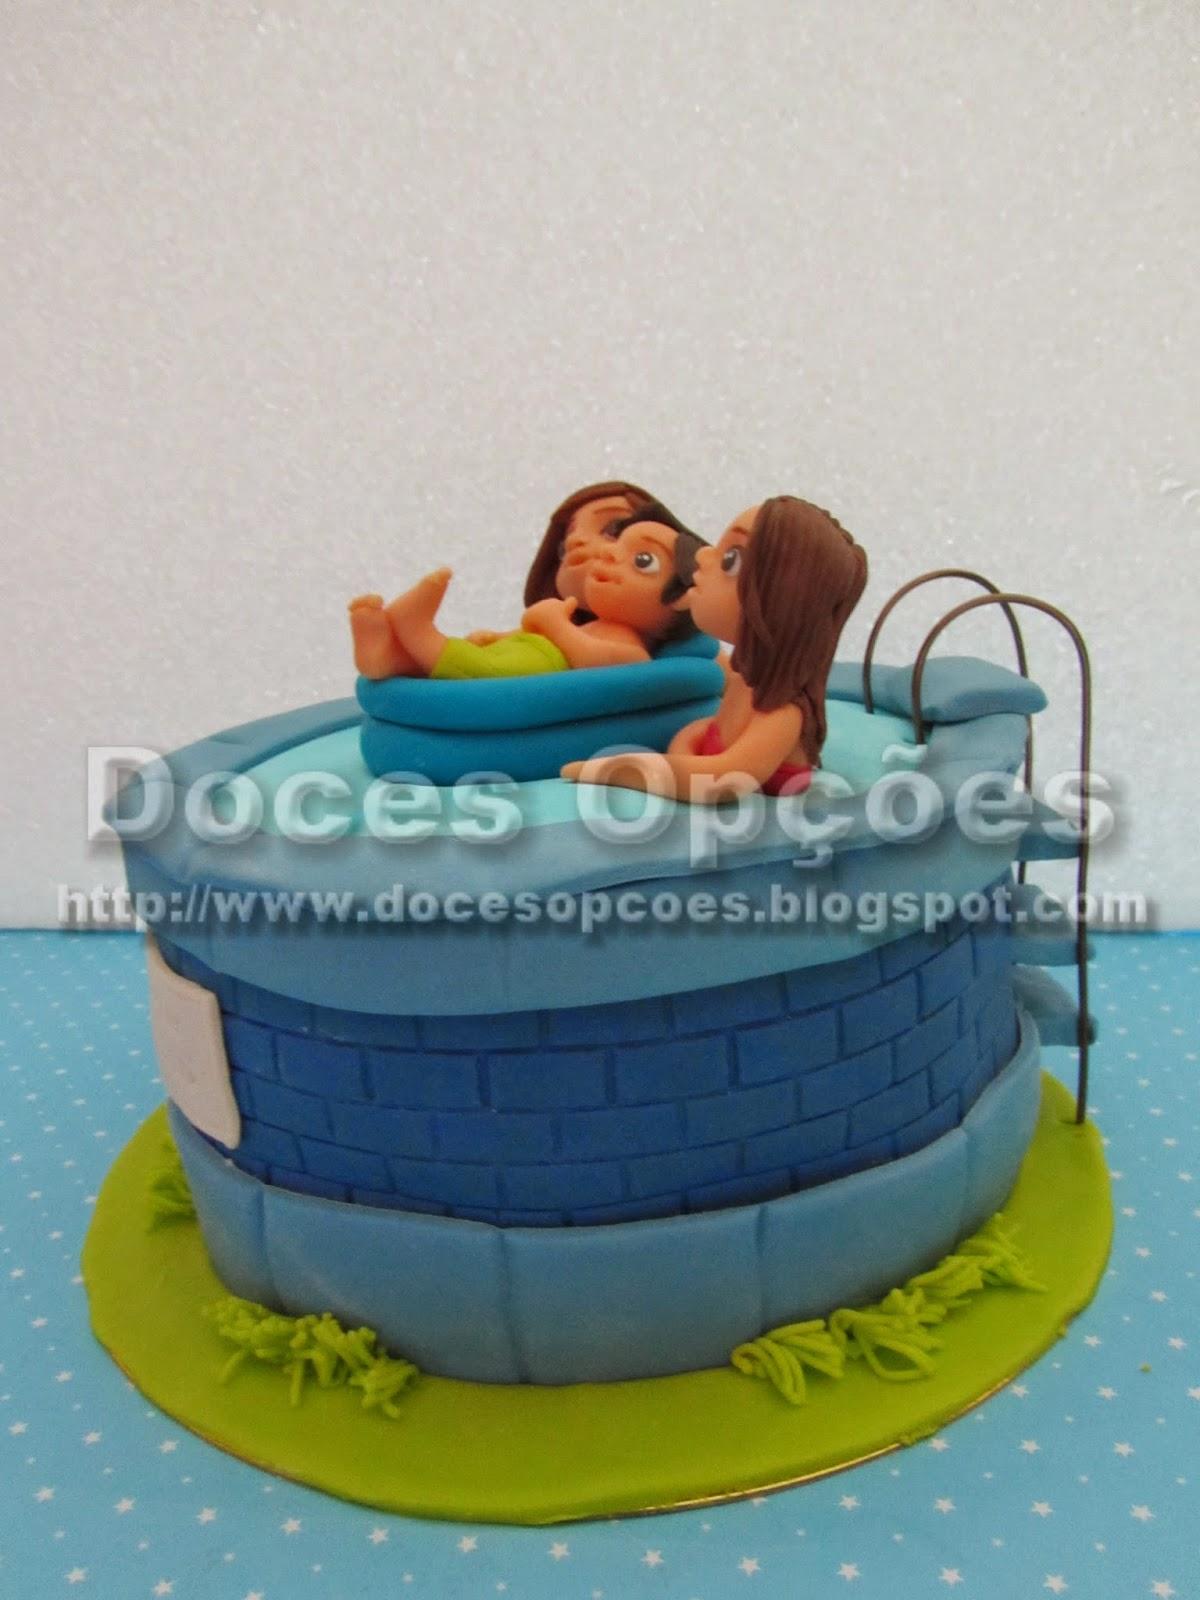 bolo piscina bragança